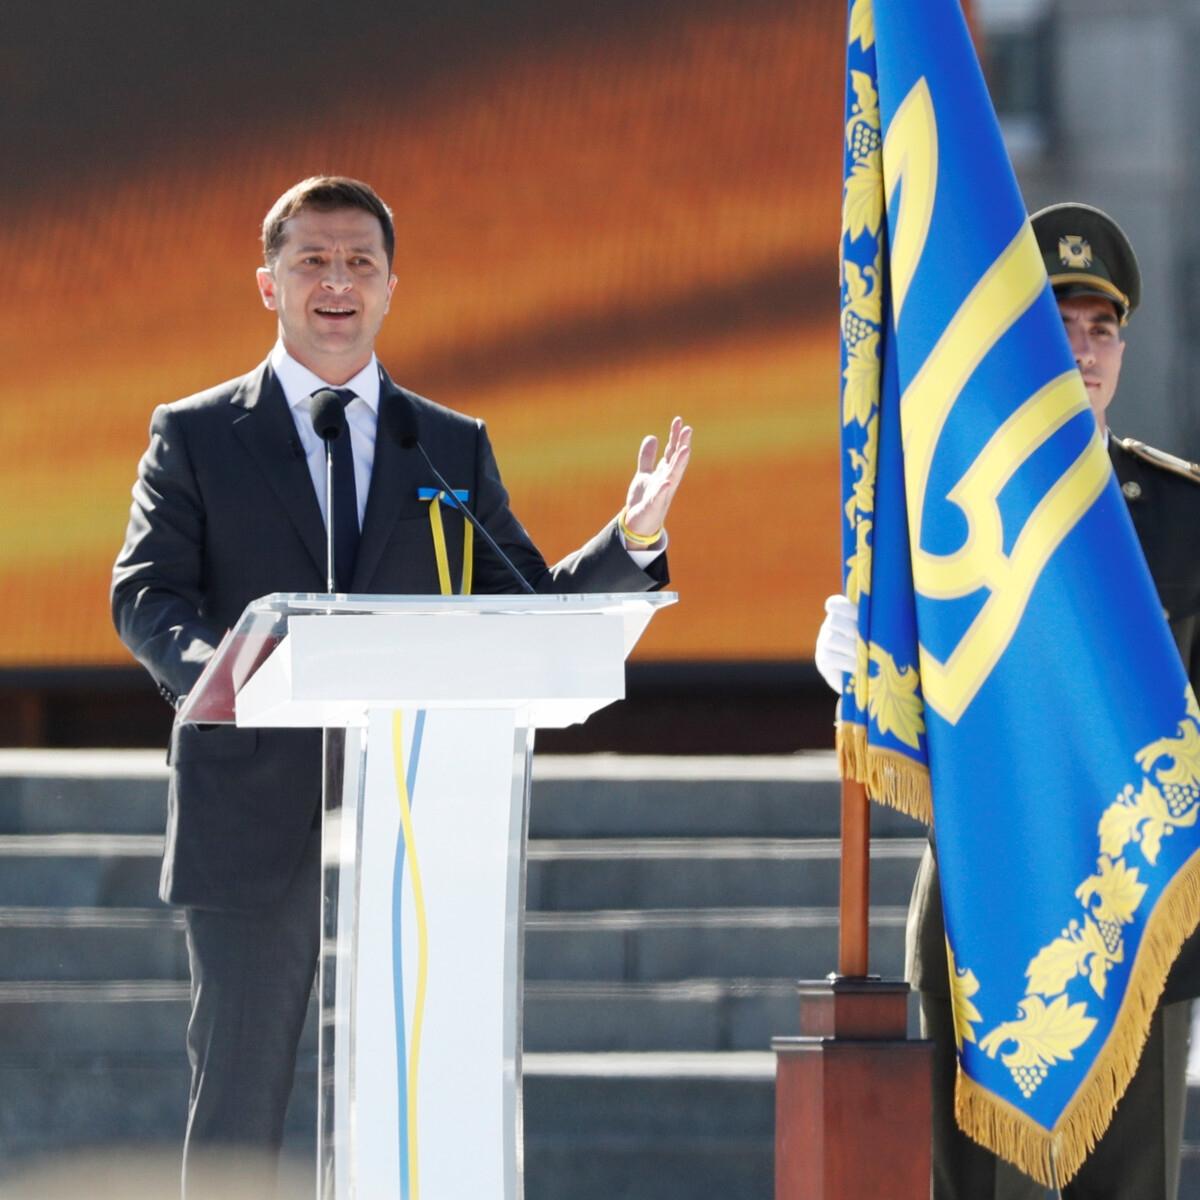 Владимир Зеленский ввел новый праздник — День Украинской государственности - фото №1